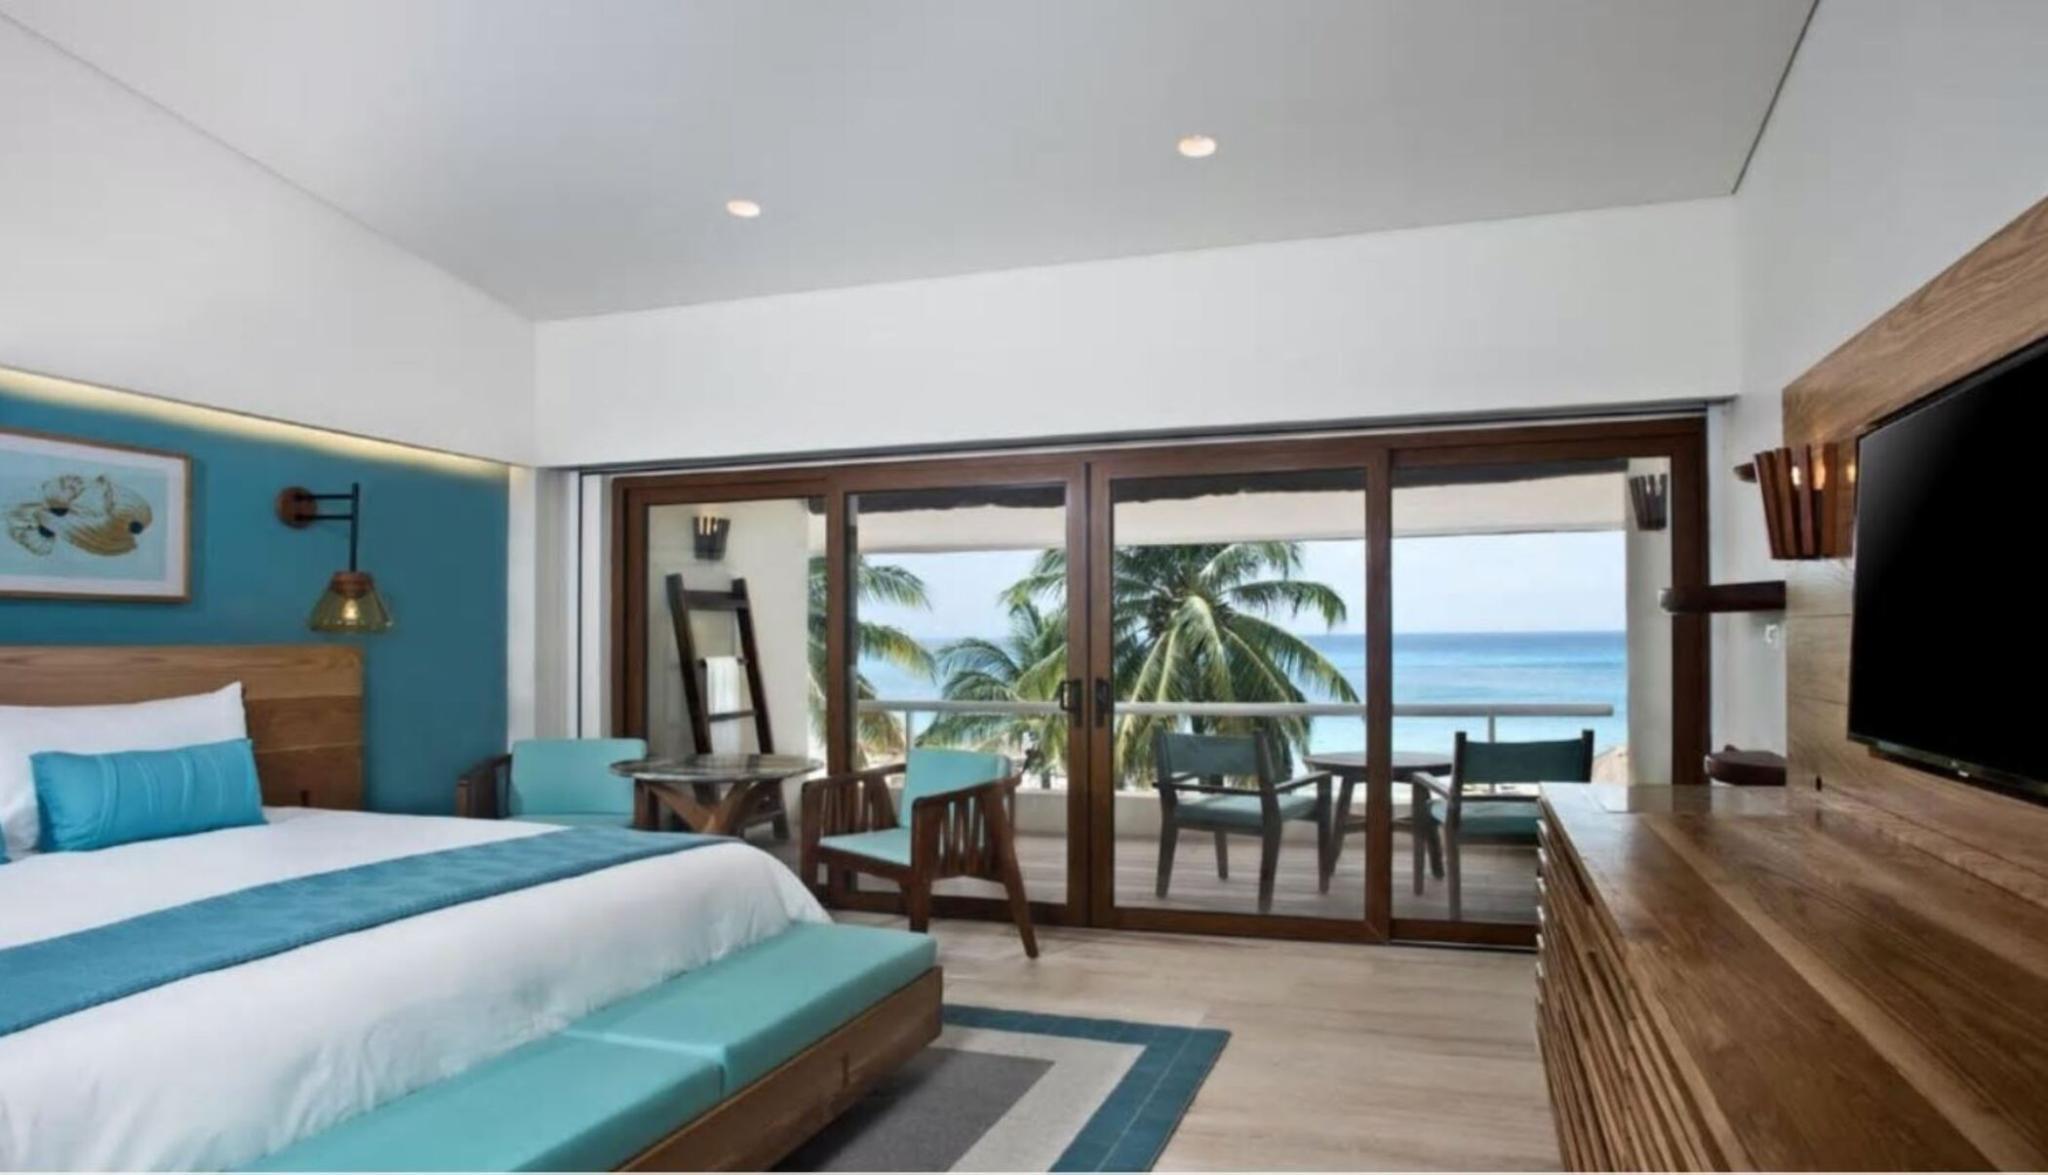 2 QUEEN BEDS LUXURY OCEAN VIEW